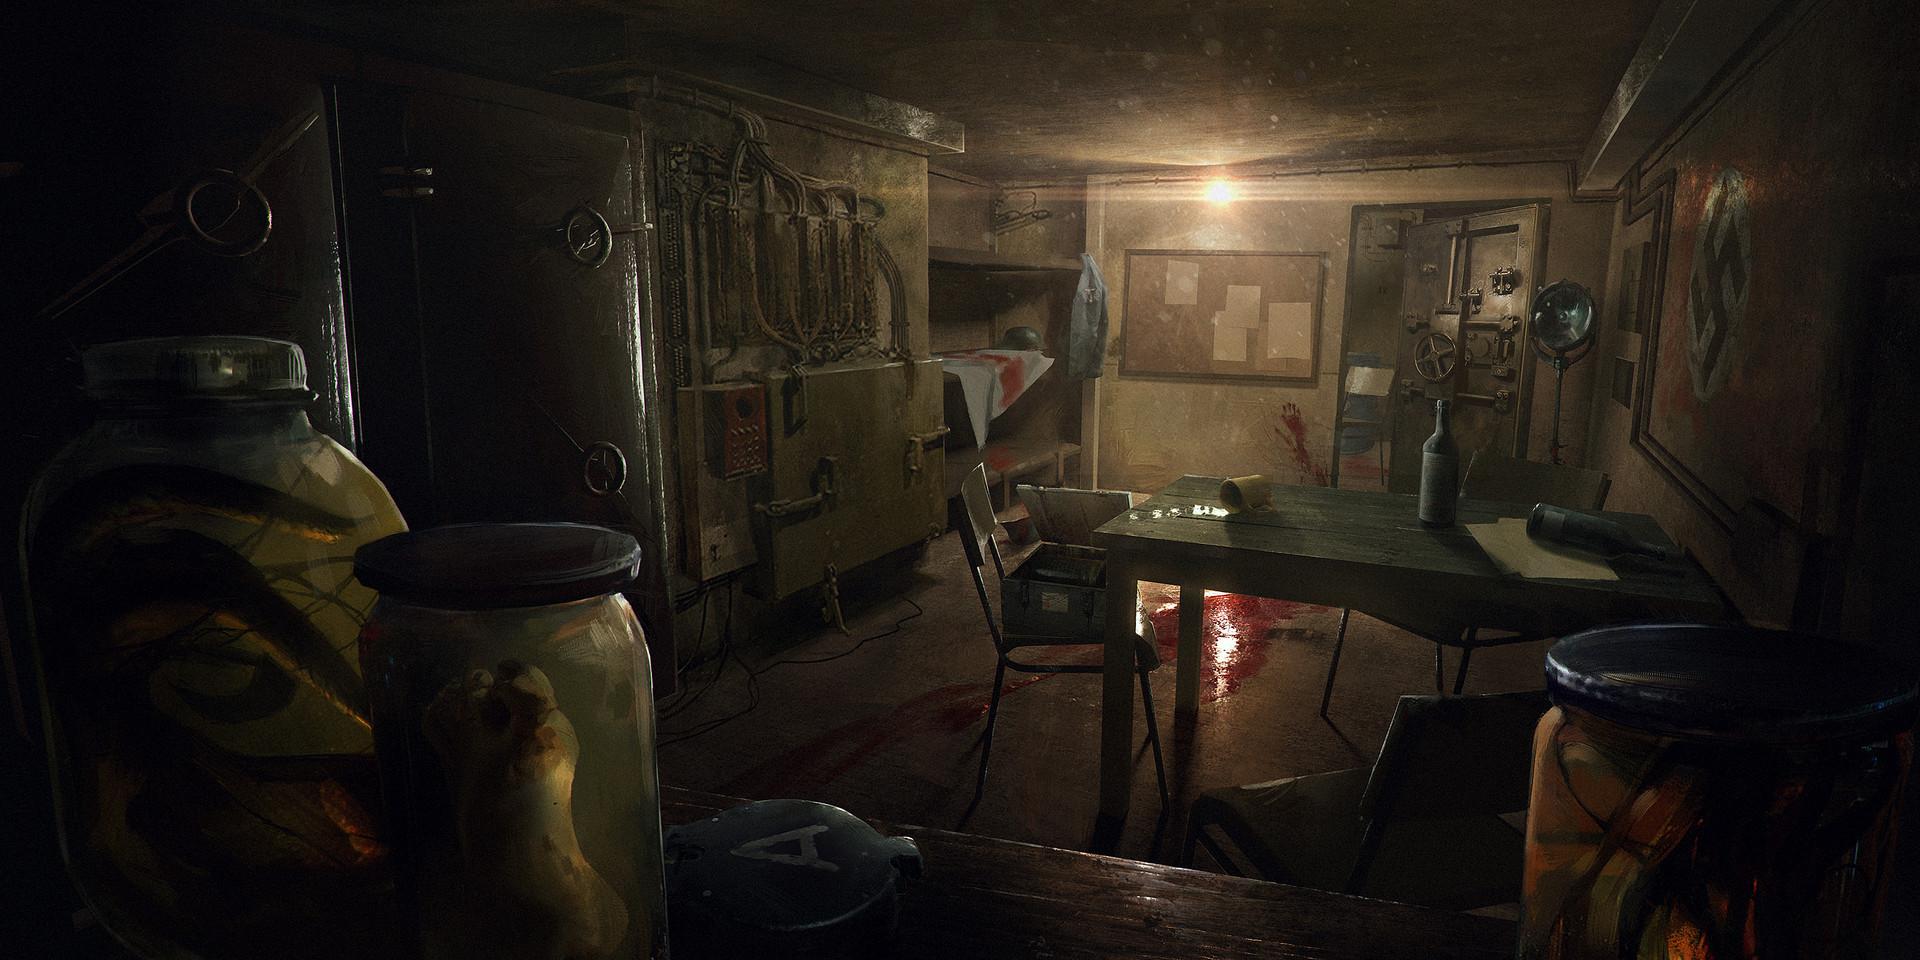 Tokkun studio bunker adbytokkun ca 2b